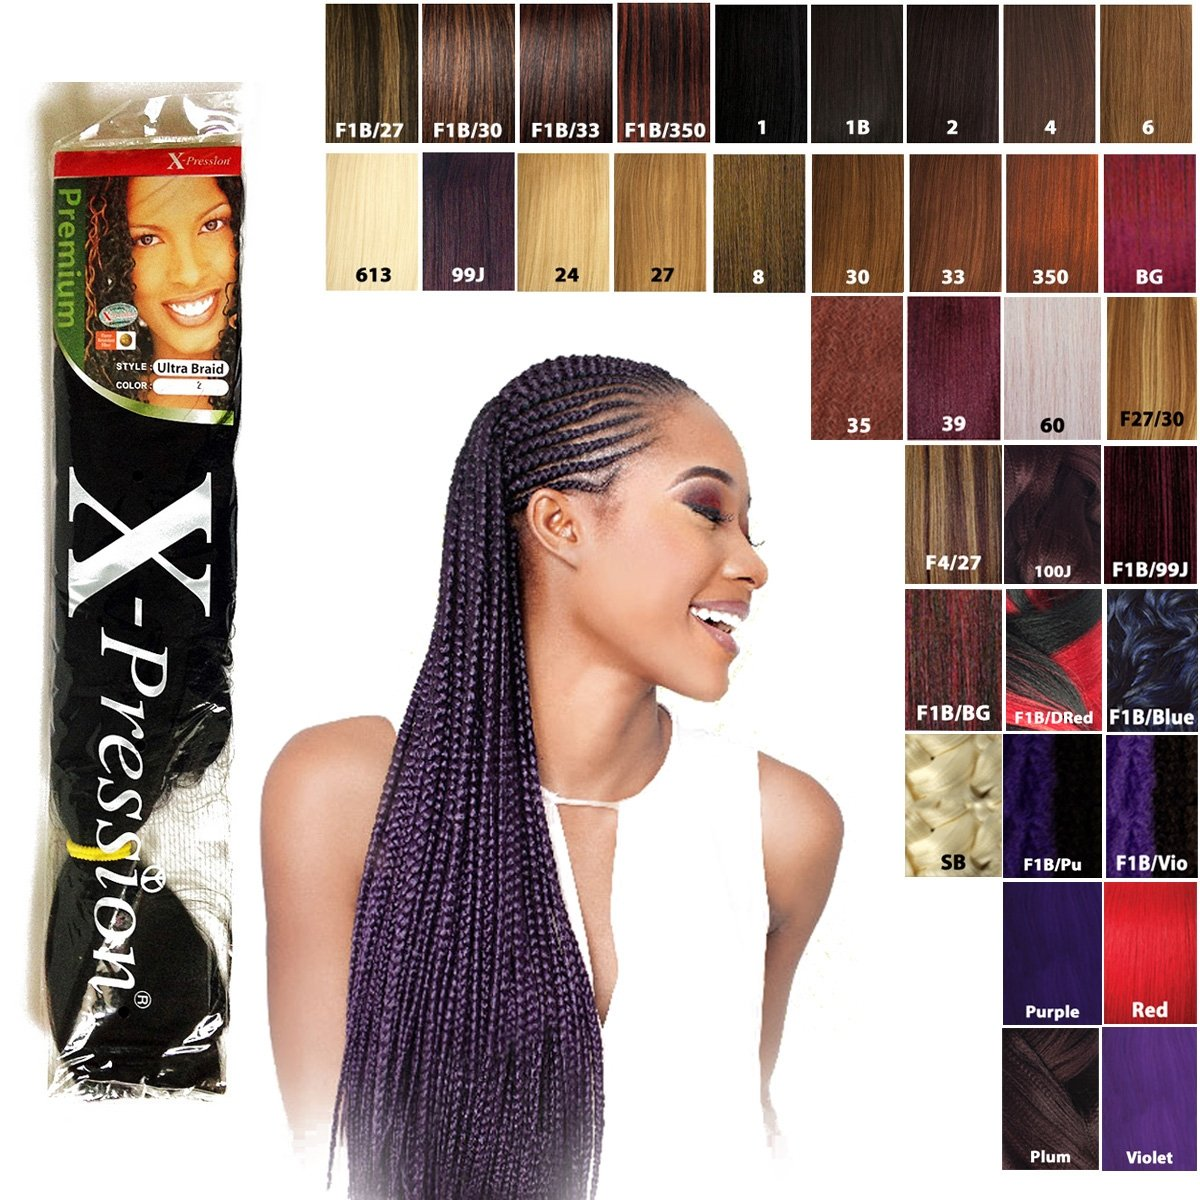 X Pression Premium Original Ultra Braid Colour 2 Misc